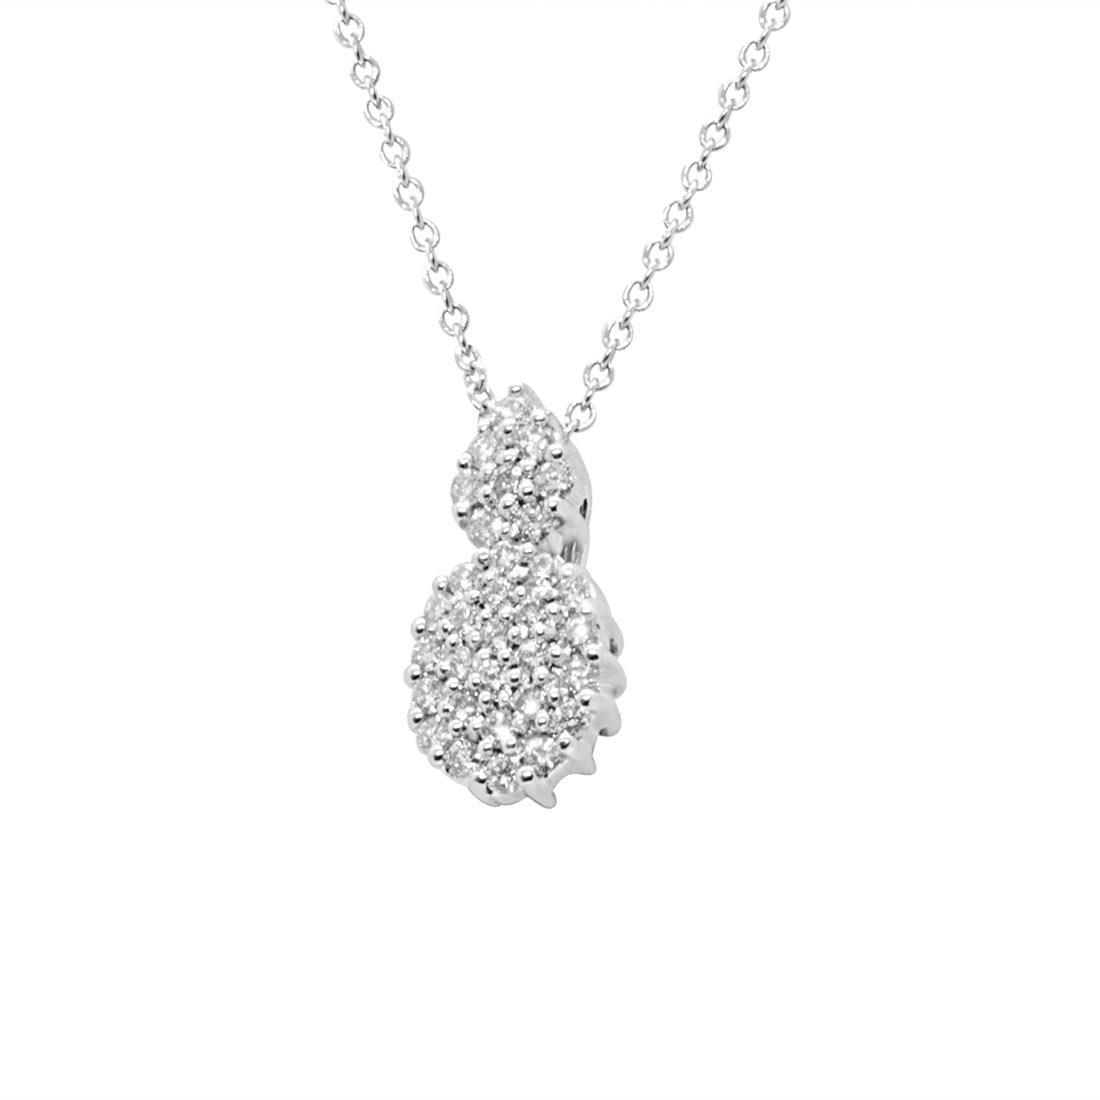 collana in oro bianco con pendente in diamanti ct 0.48 - ALFIERI & ST. JOHN